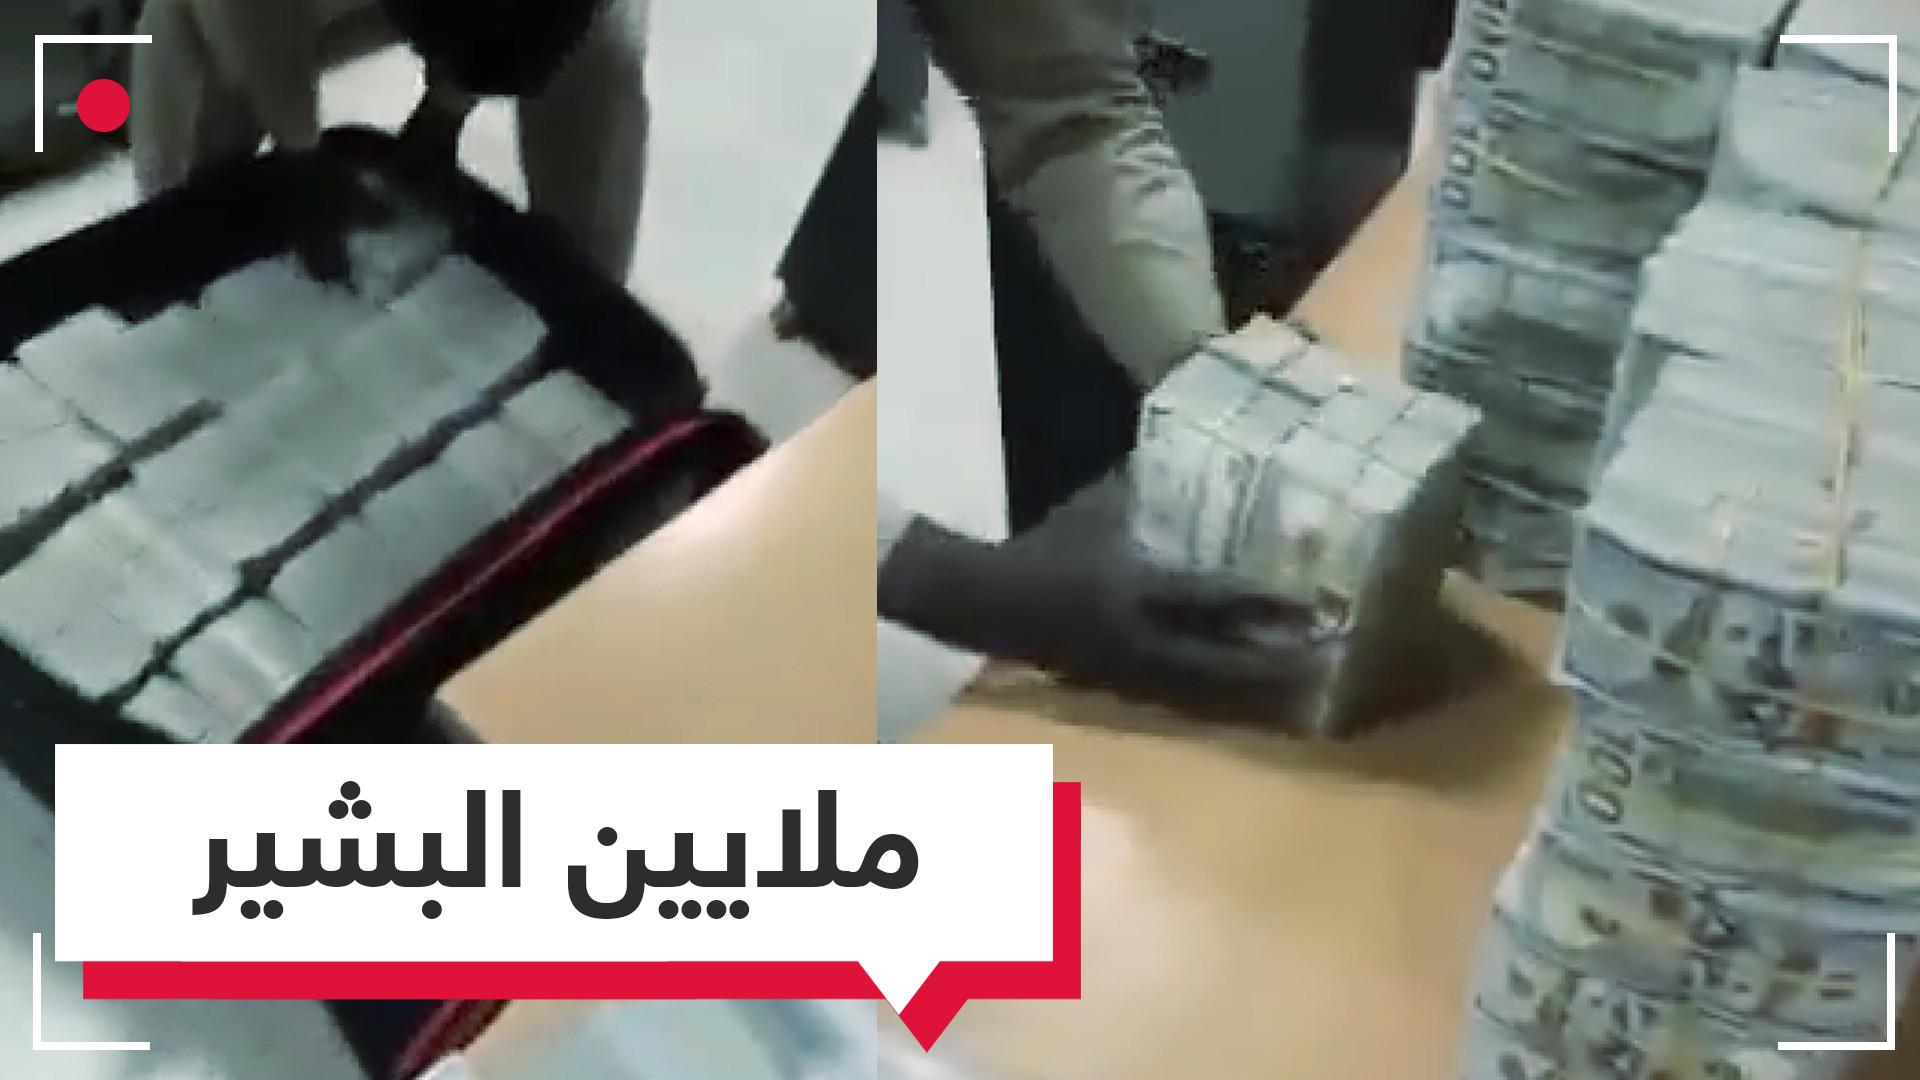 ملايين الدولارات في حقائب.. فيديو من مقر إقامة عمر البشير